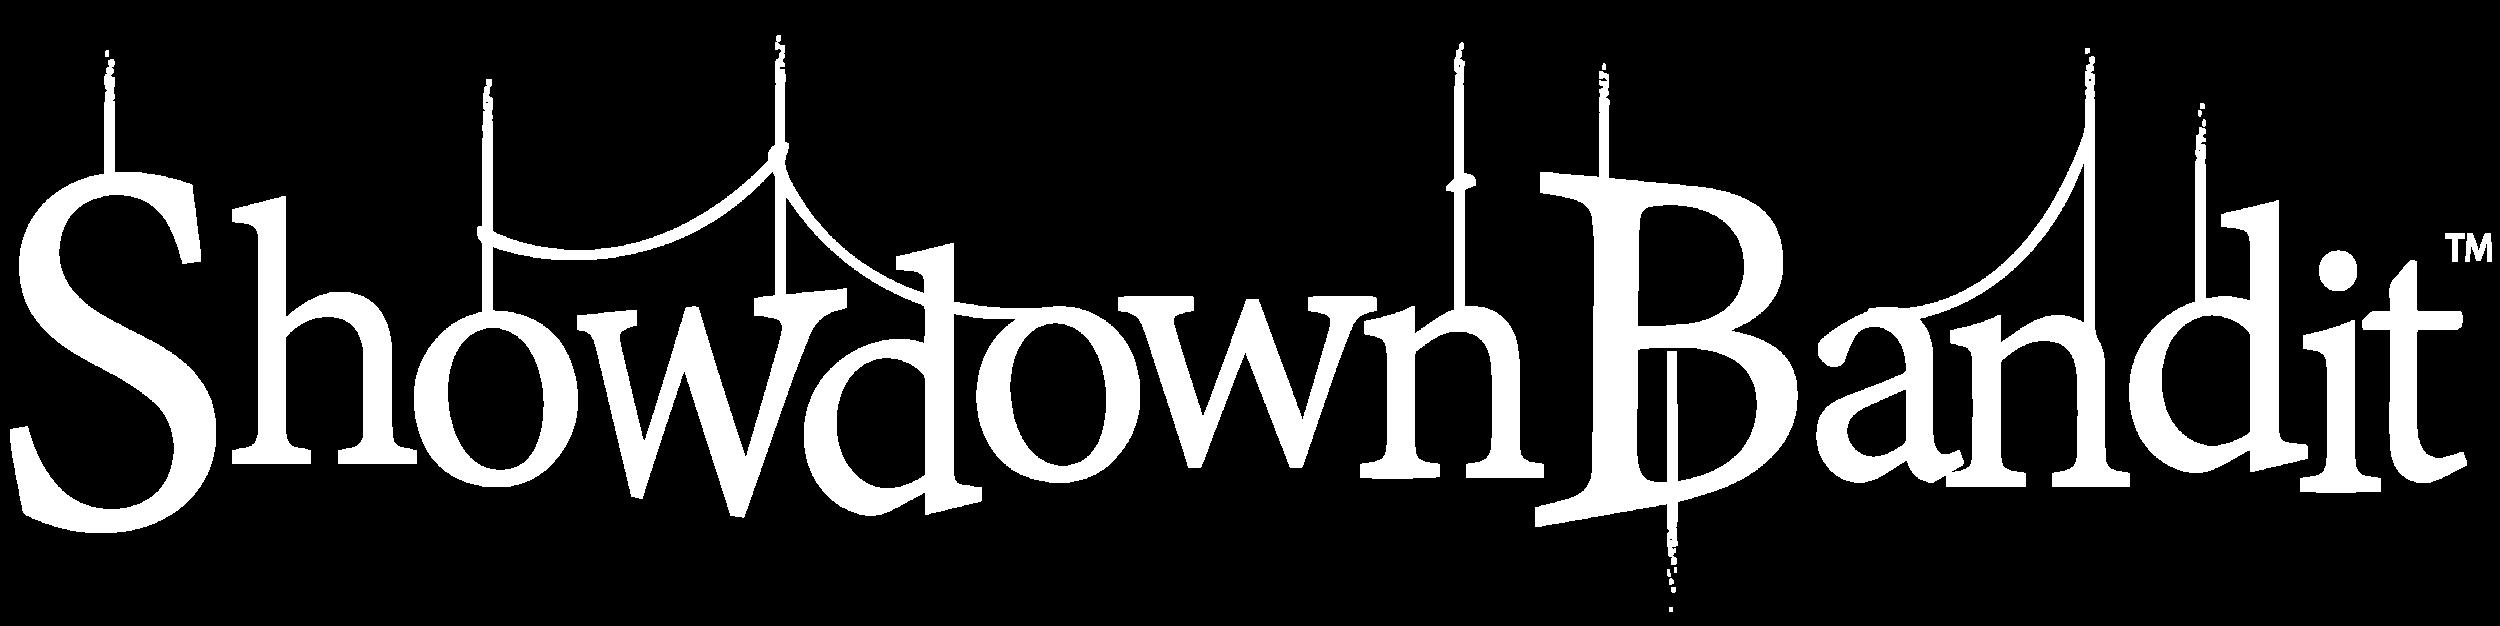 Showdown Bandit